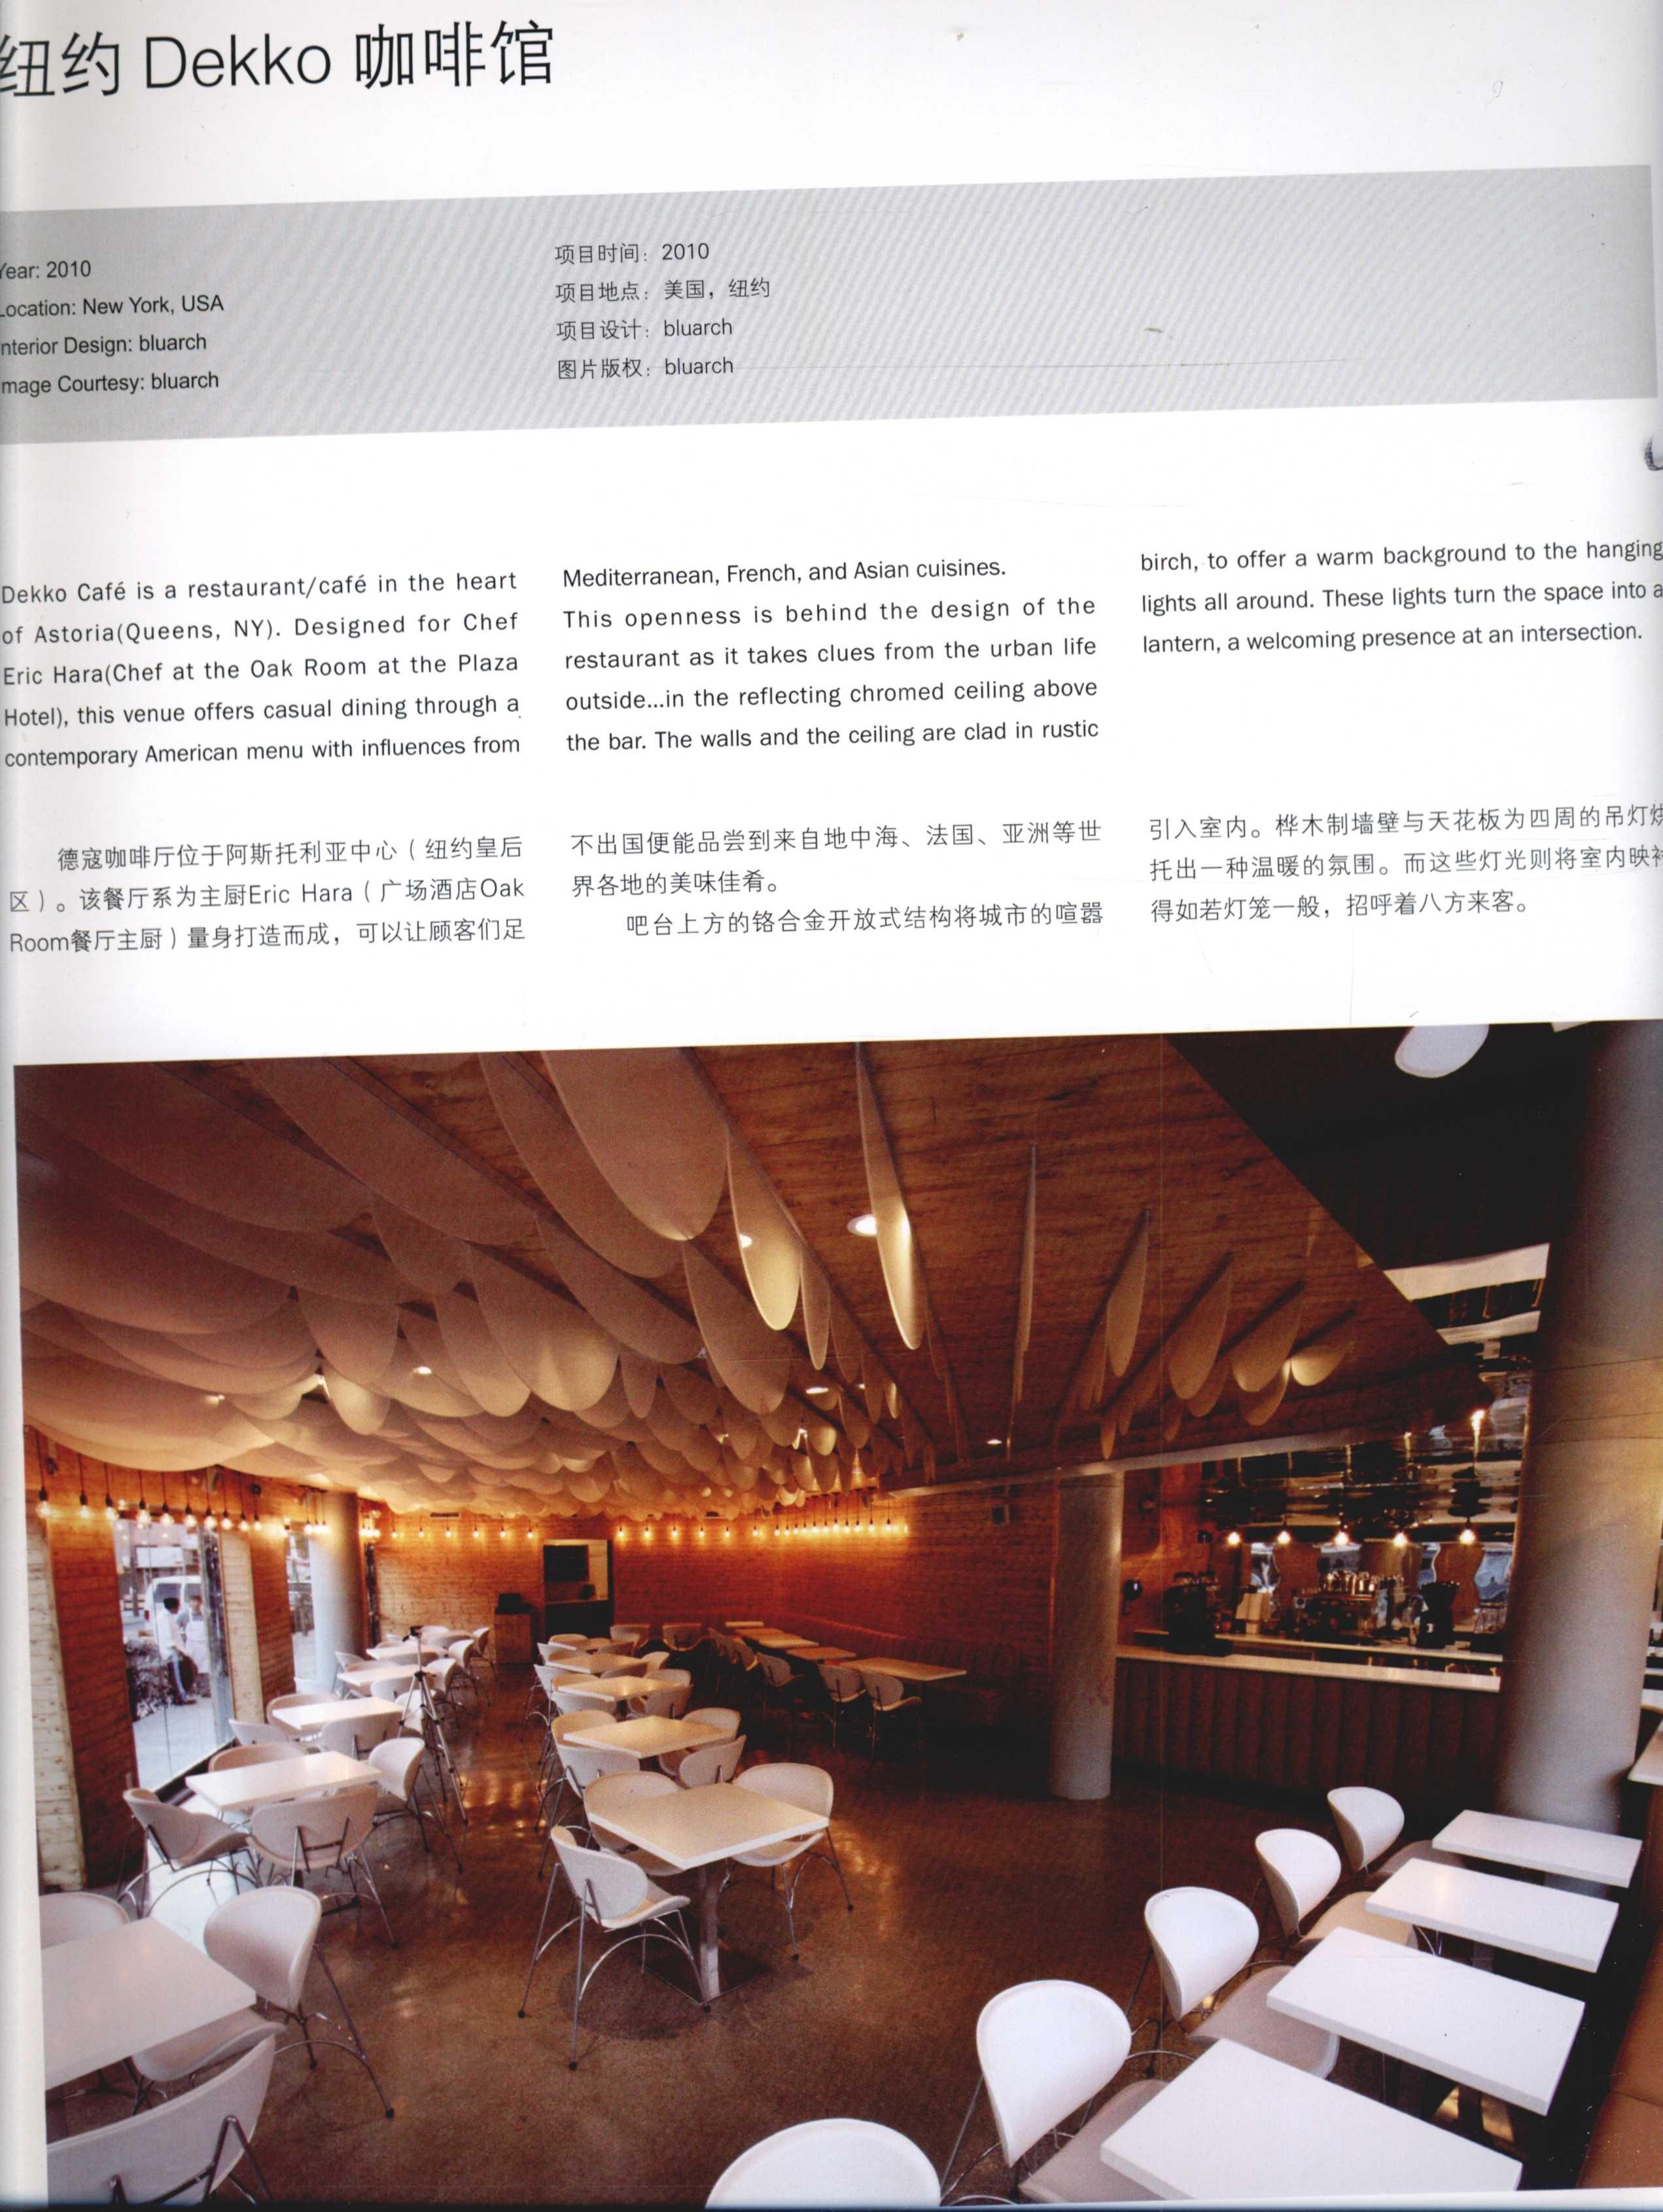 2012全球室内设计年鉴  餐饮_Page_048.jpg